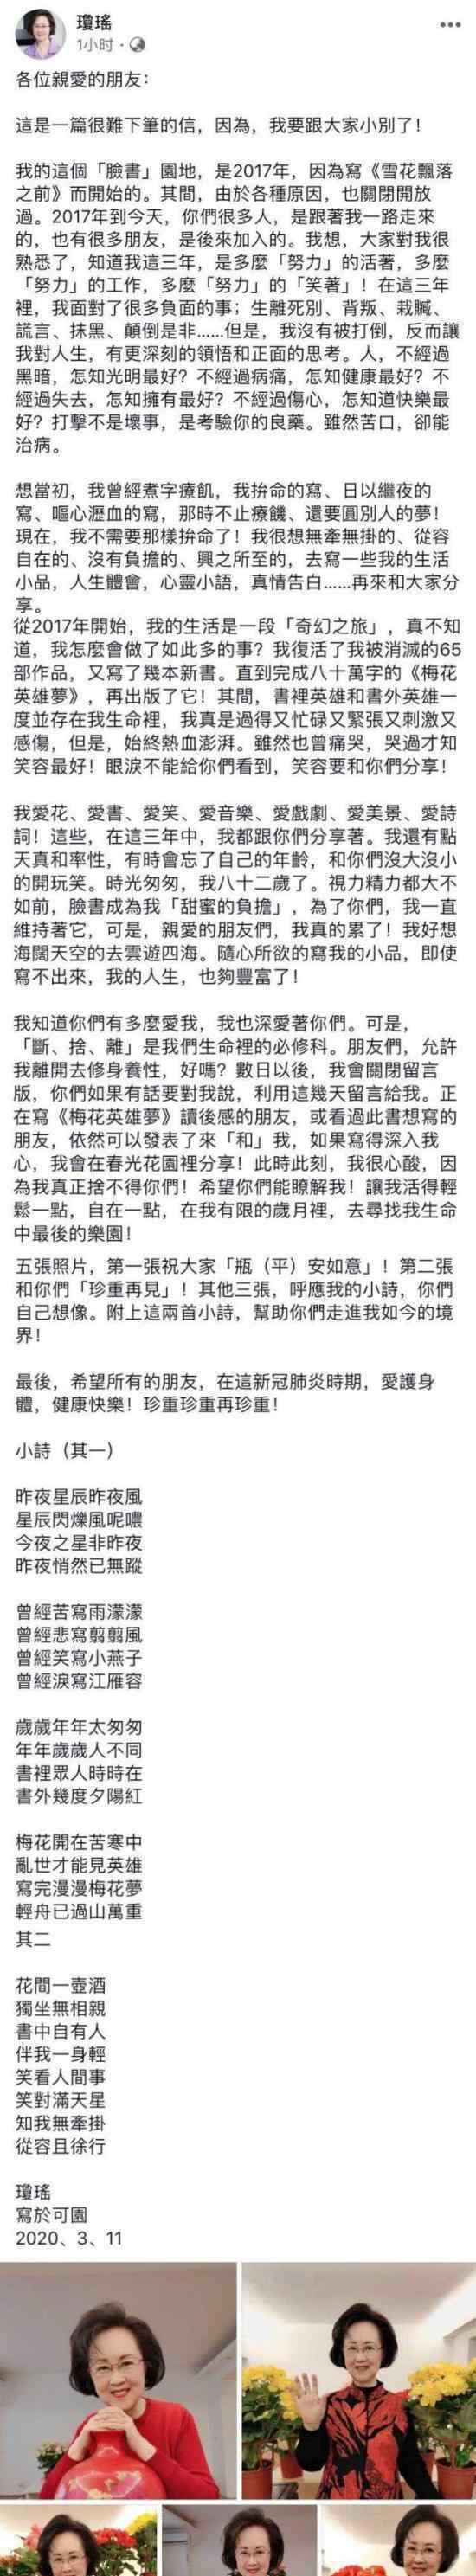 琼瑶发长文宣布小别 琼瑶怎么说的具体什么情况